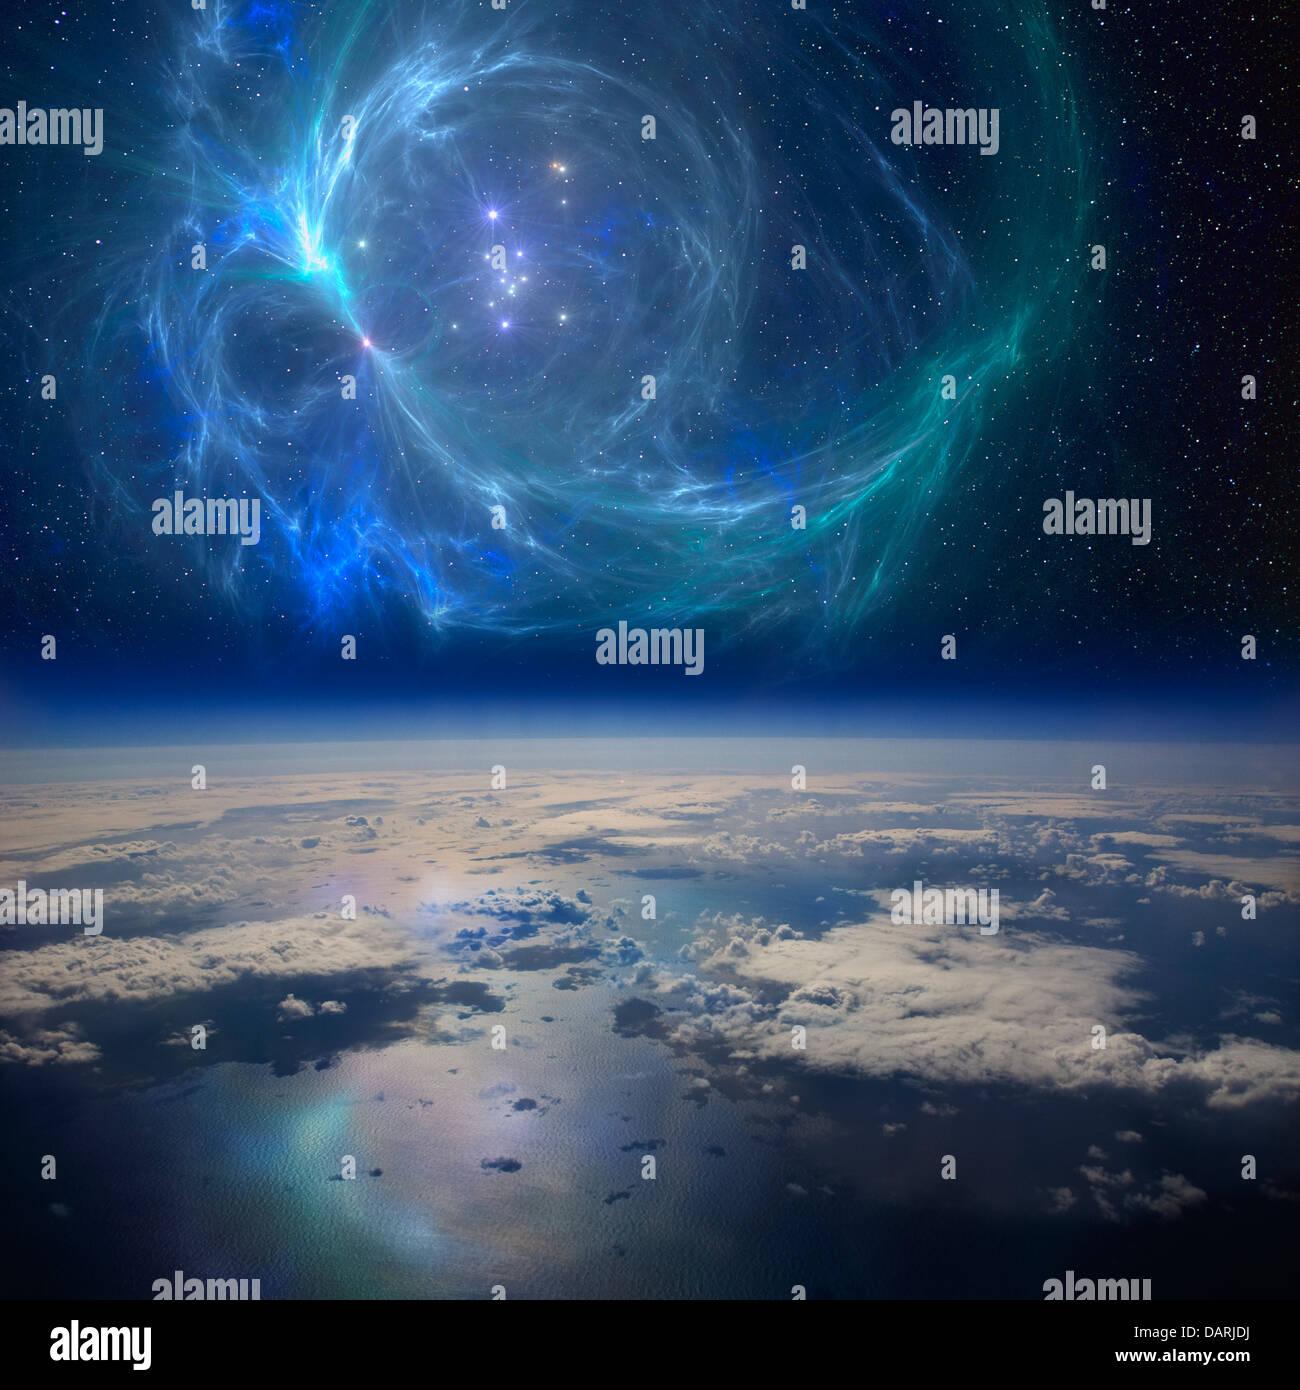 La messa a terra nei pressi di una bella nebulosa nello spazio. Un composito concettuale dell'immagine. Immagini Stock